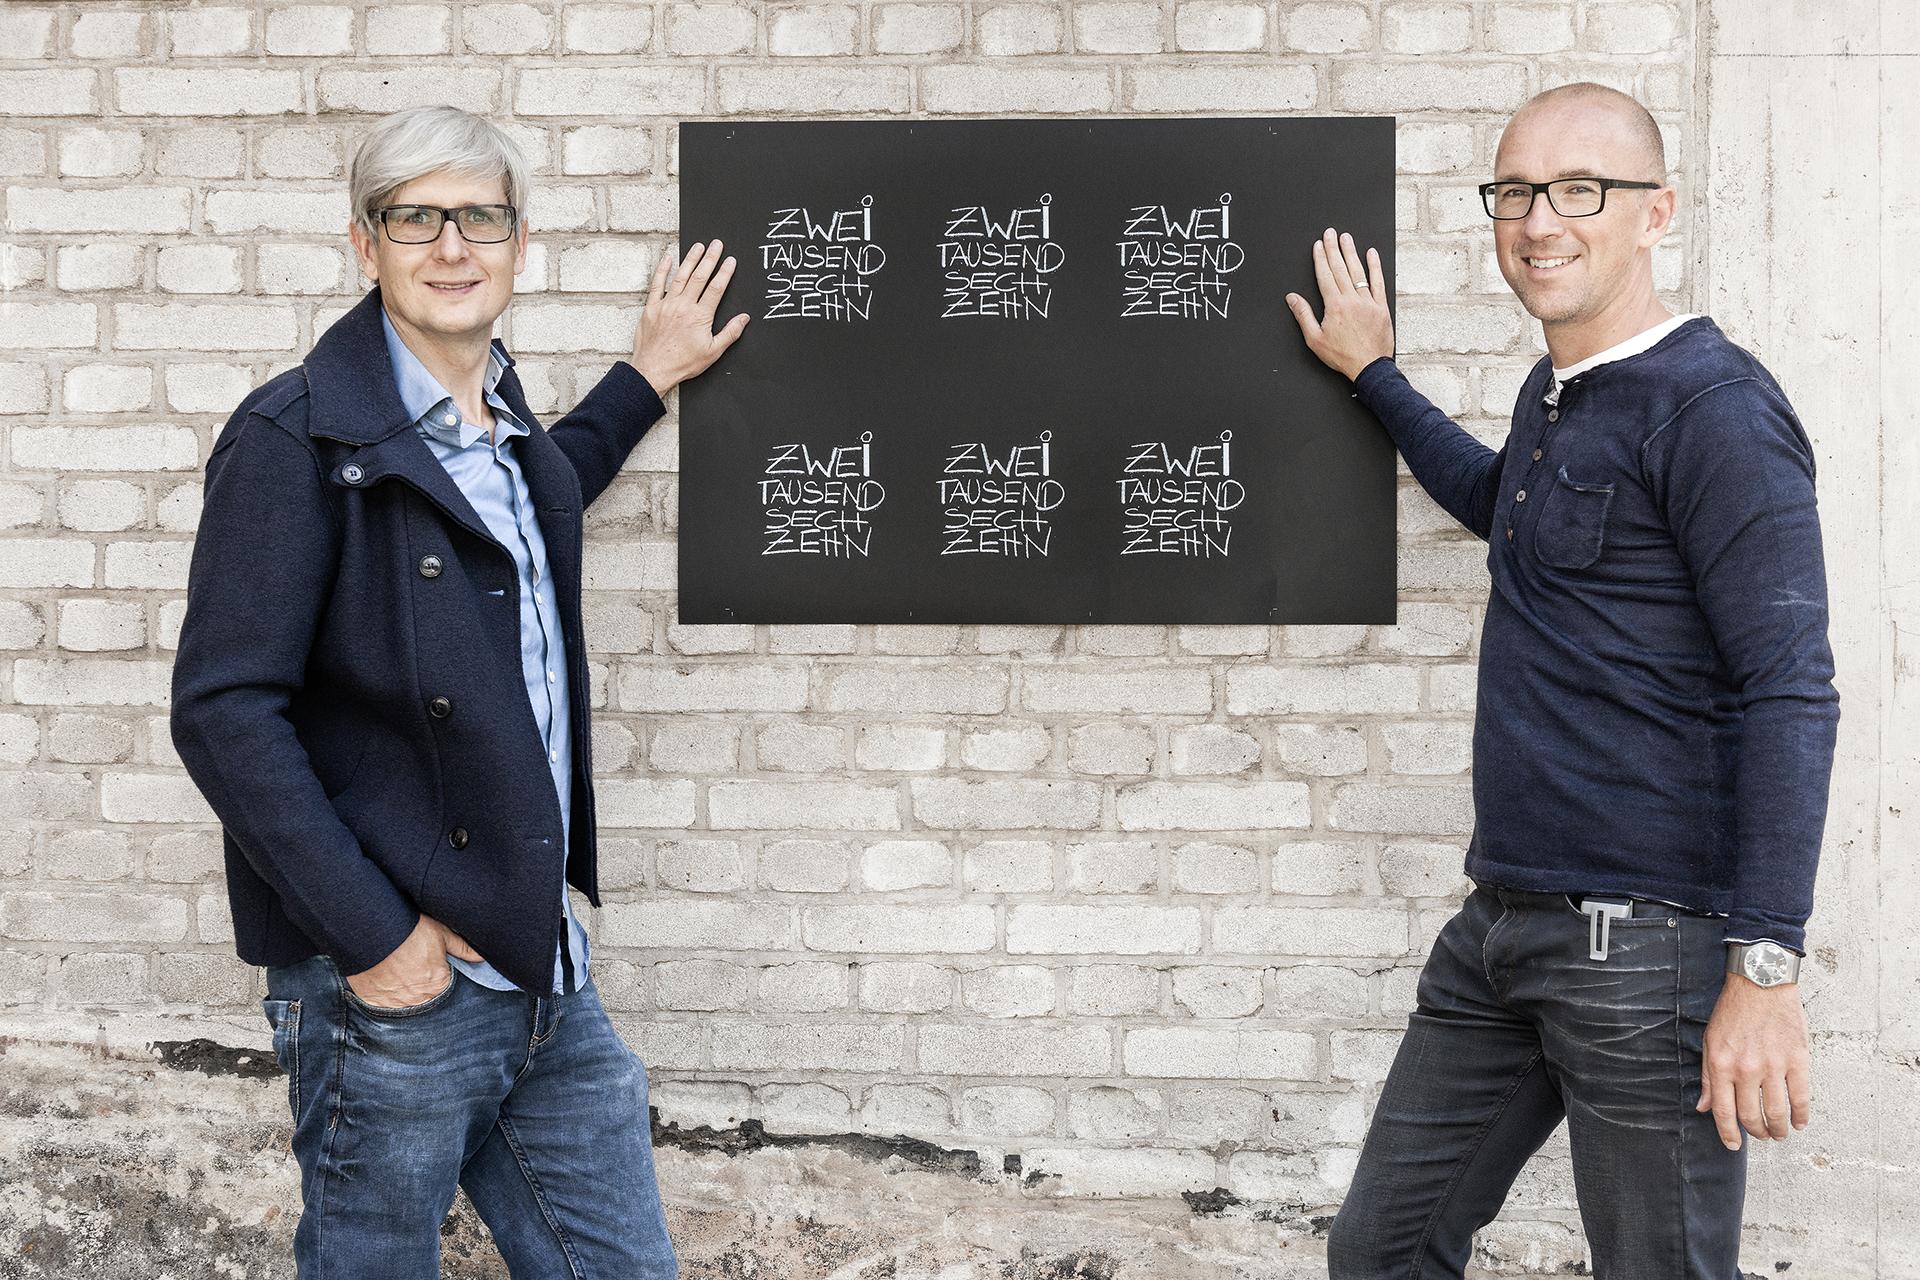 Fotograf Alexander Feig und Jürgen Frischmann stehen vor Backsteinwand Feigefotodesign